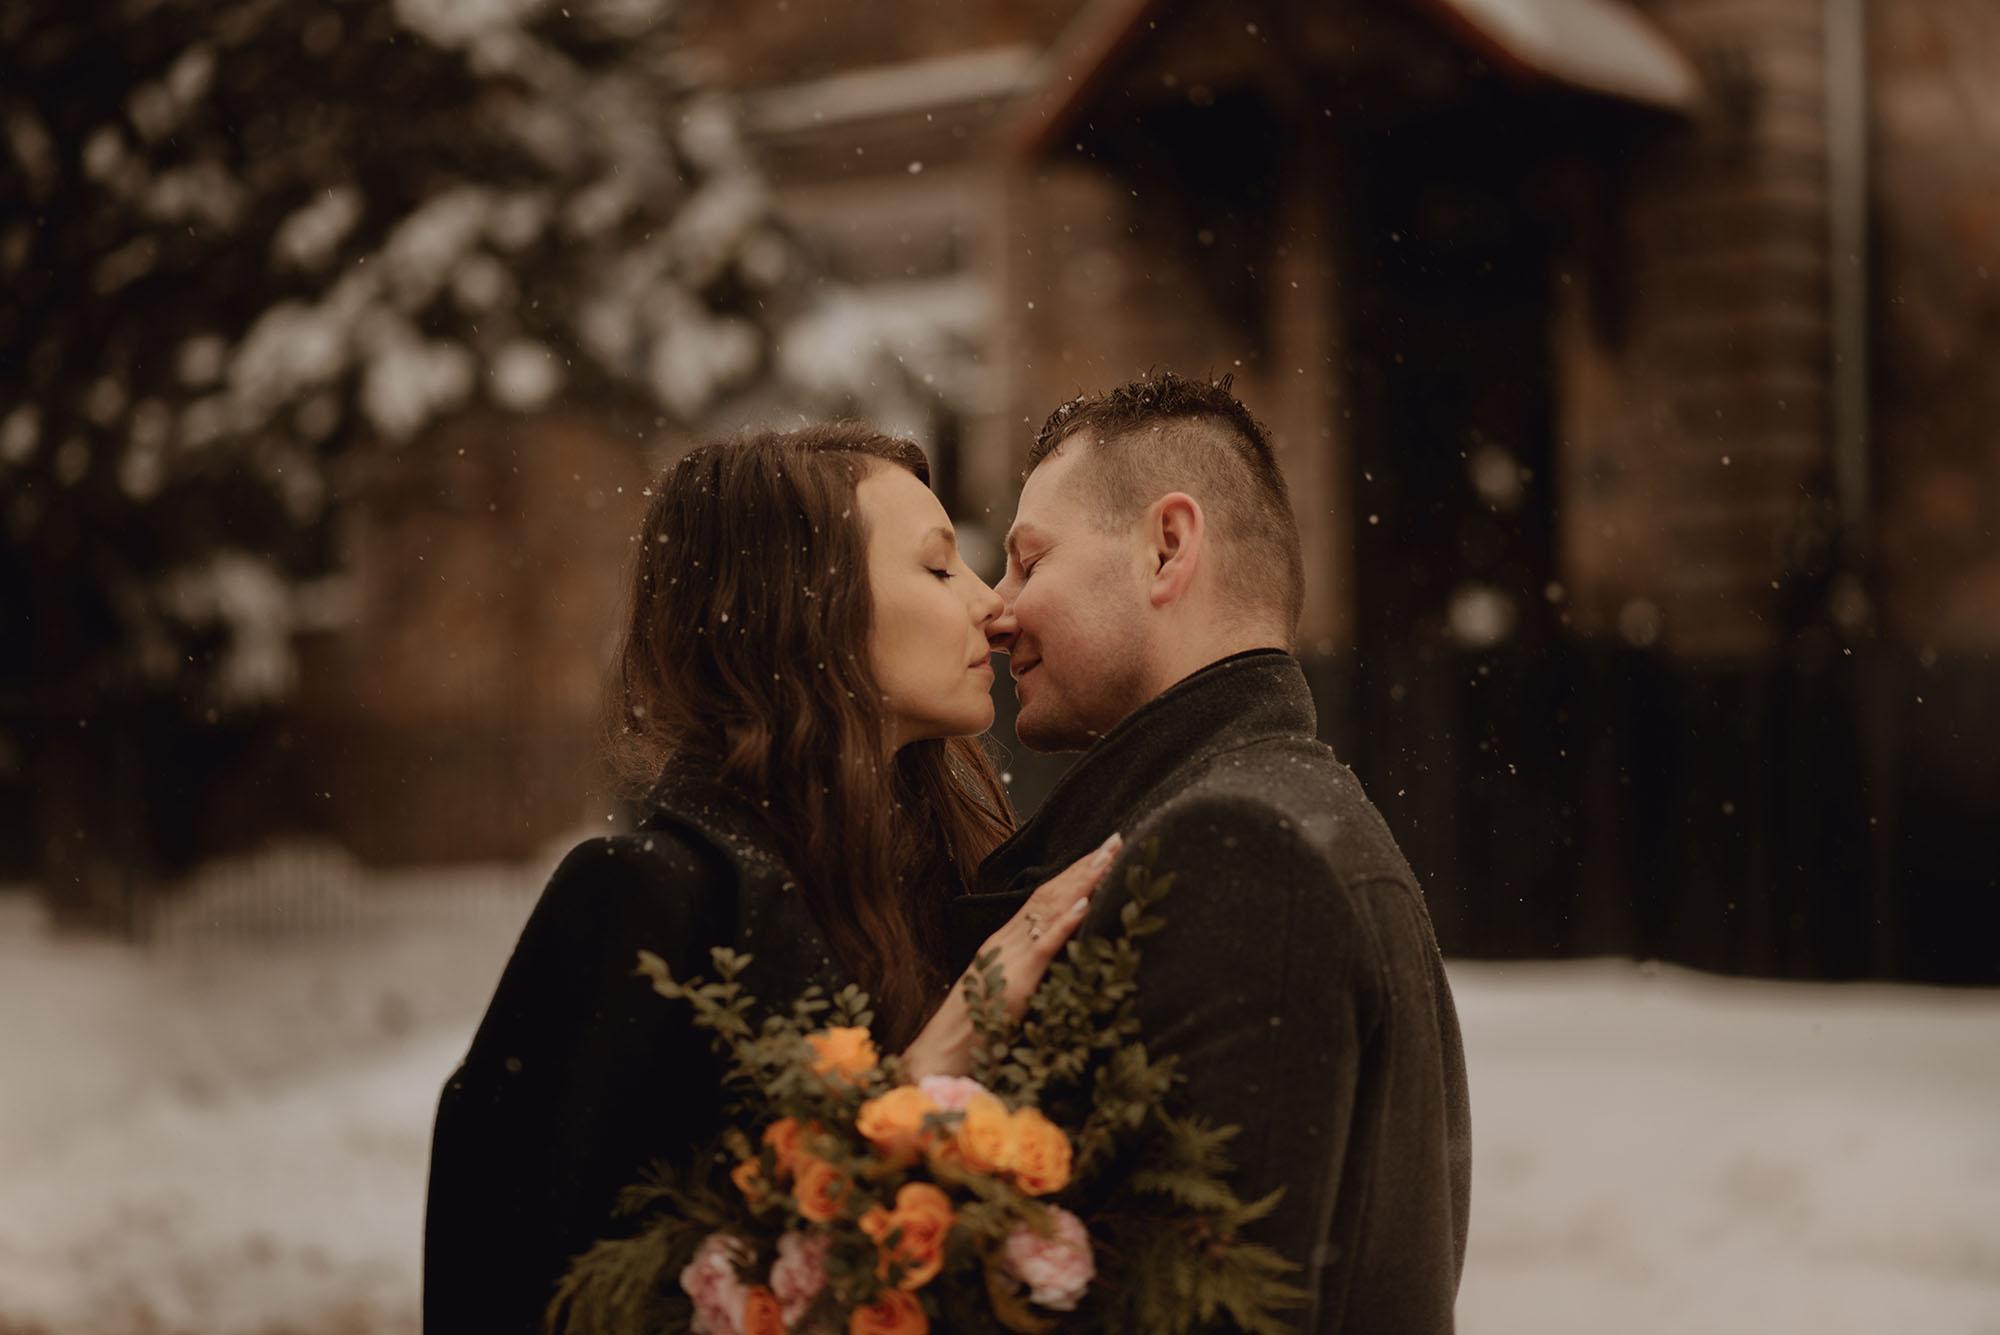 zimowa sesja dla pary00001 - Miłość